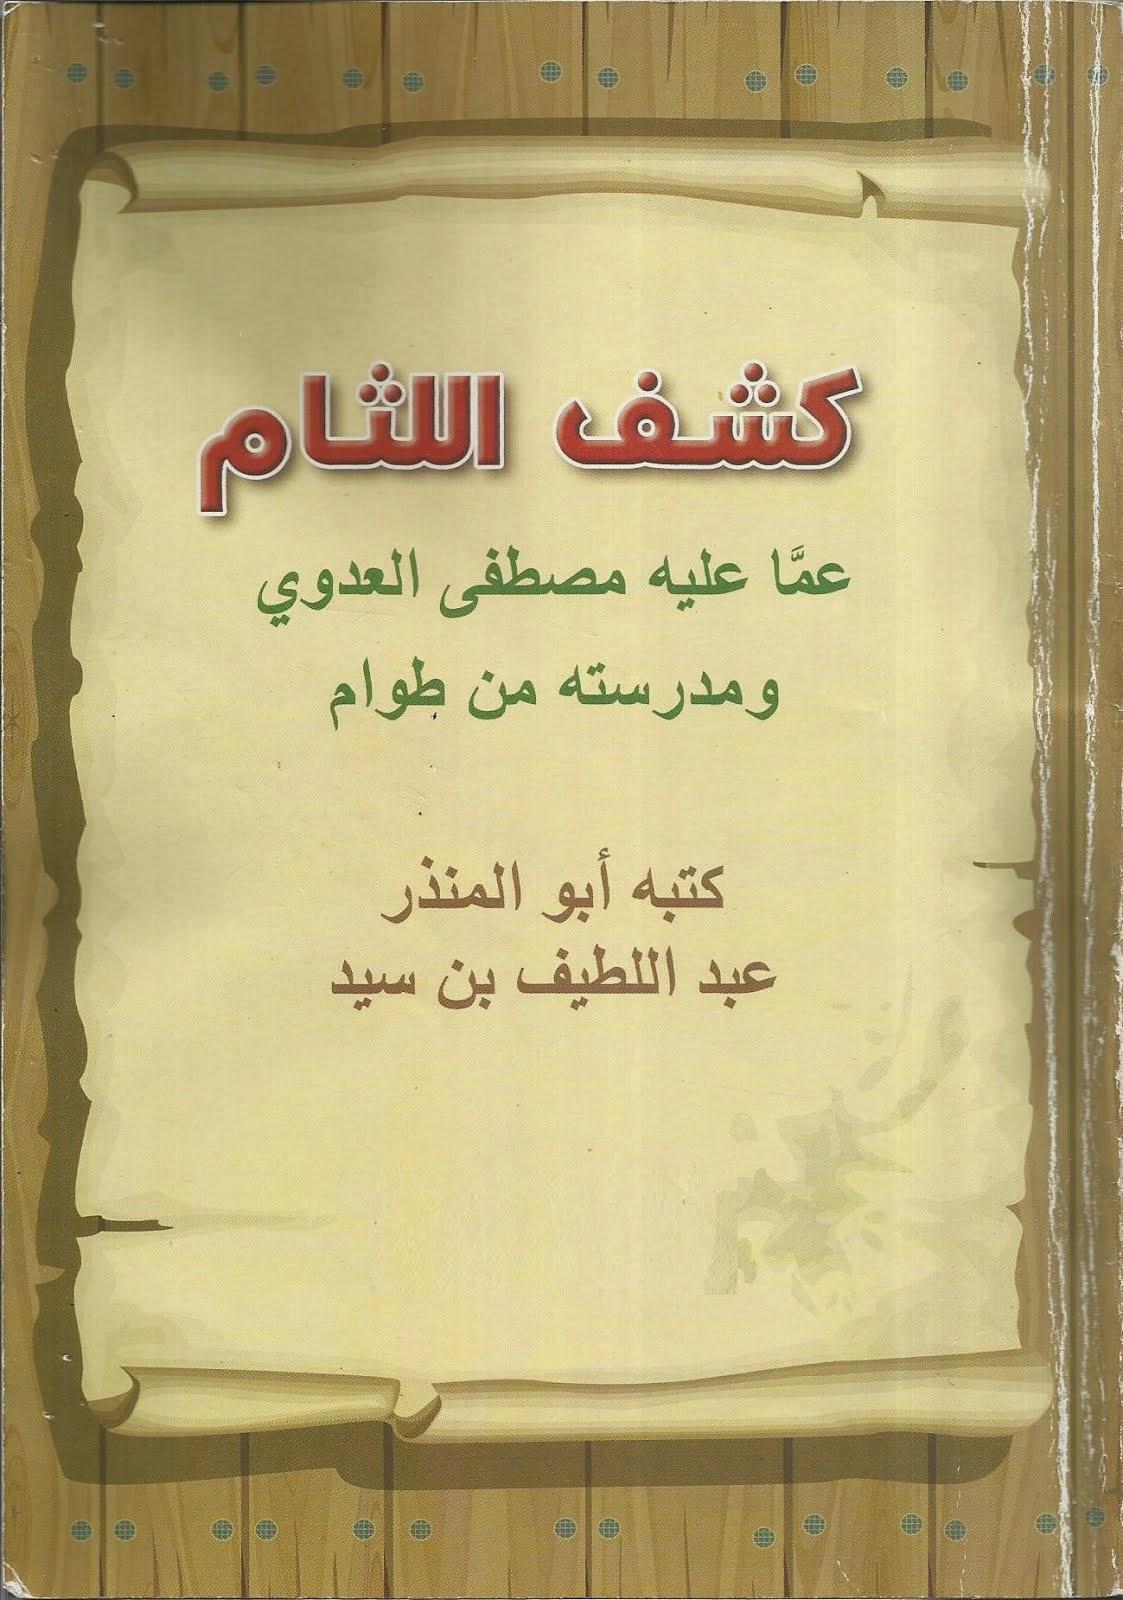 كشف اللثام عما عليه مصطفى العدوي ومدرسته من طوام